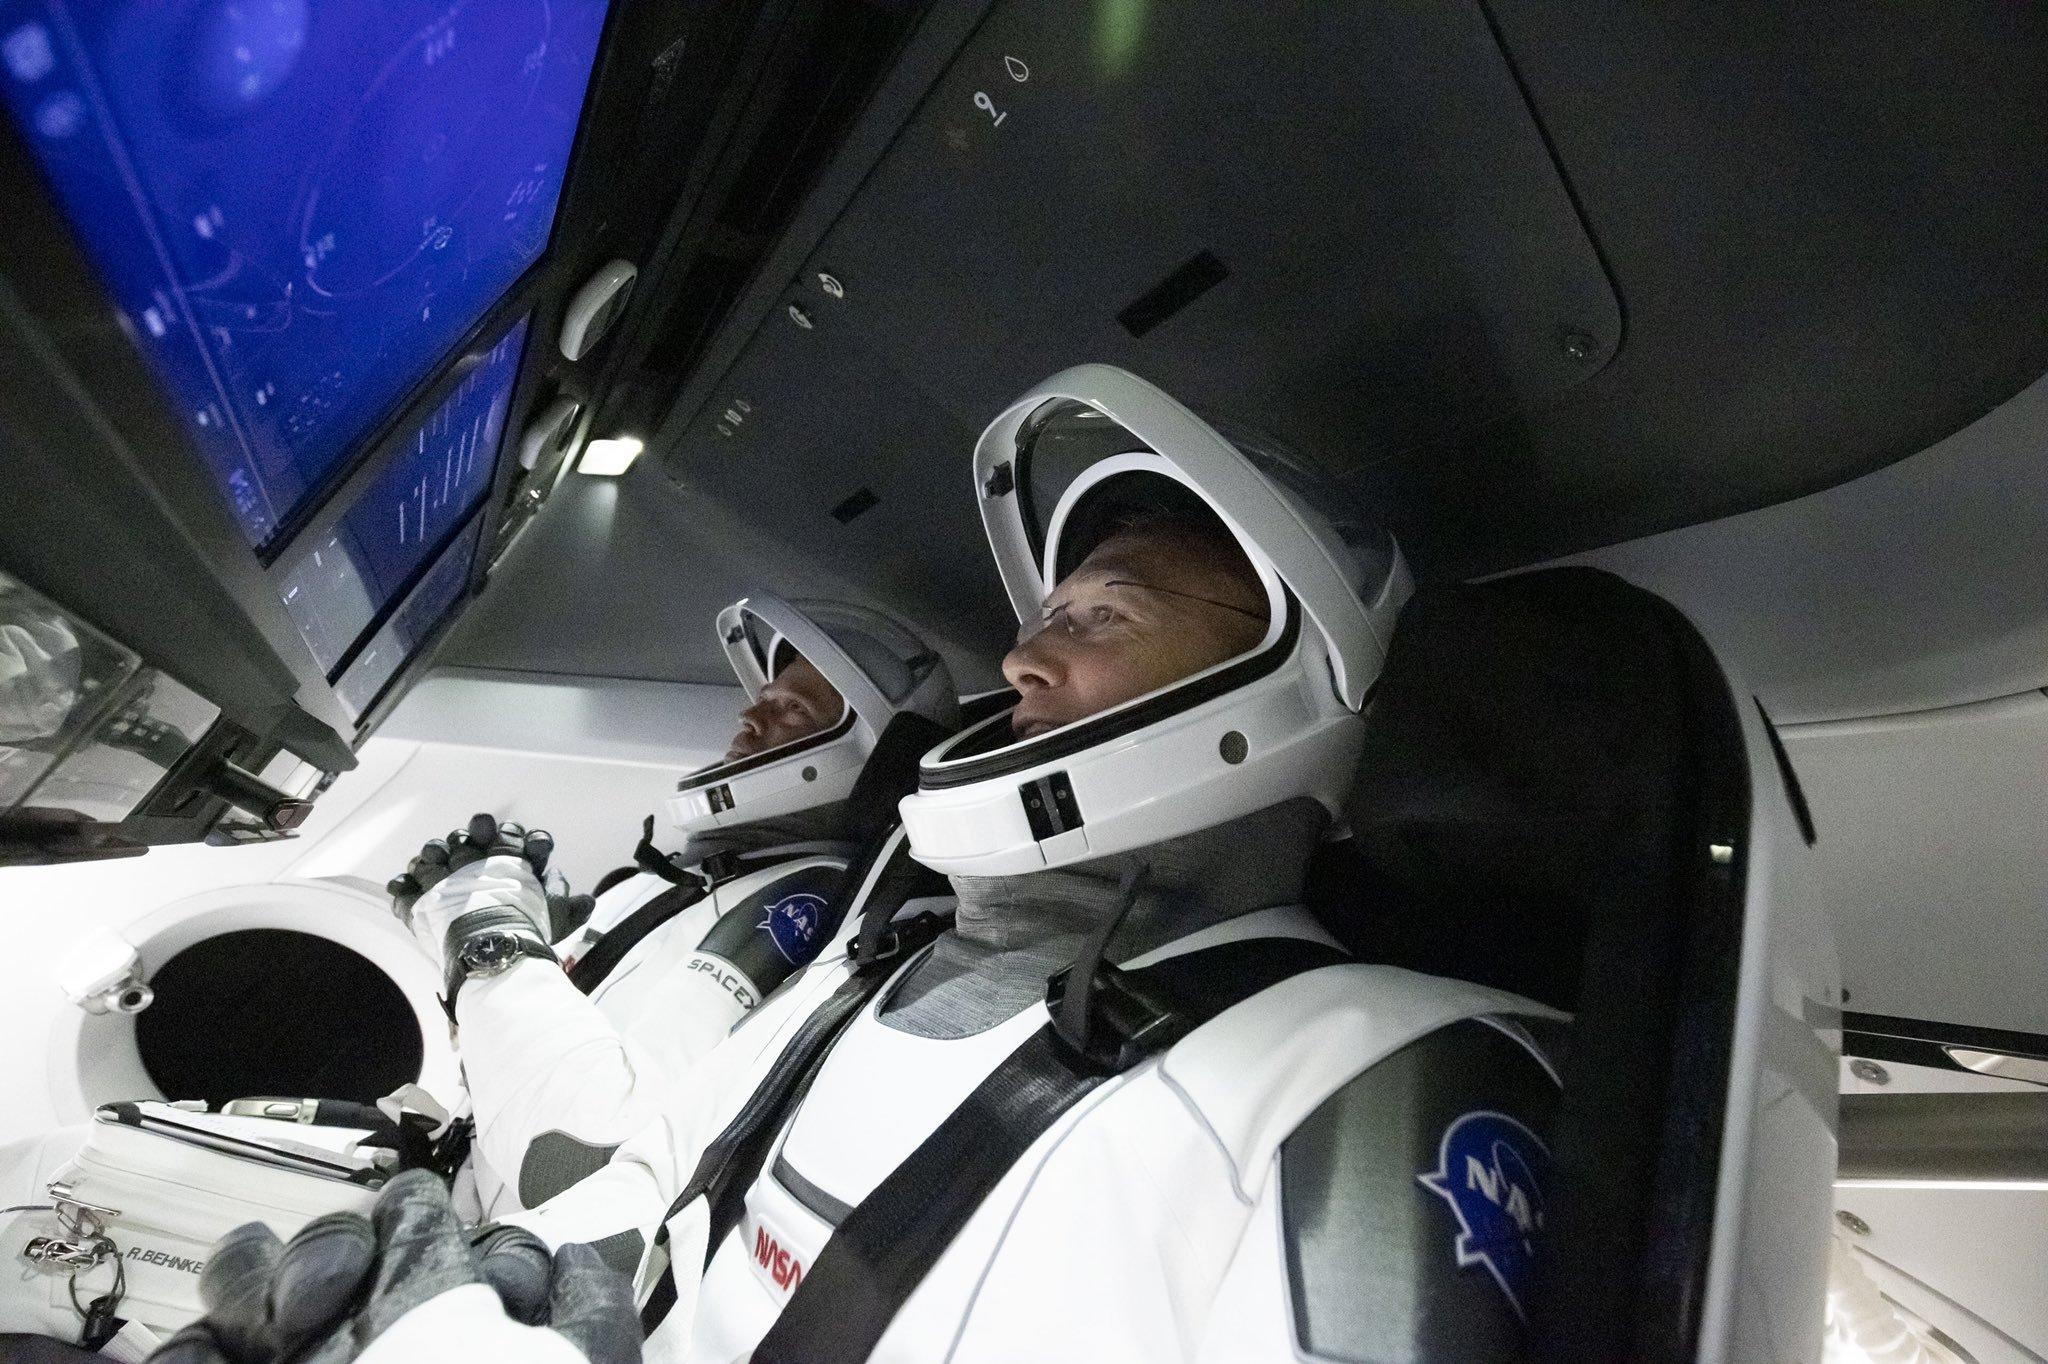 SpaceX e Elon Musk: 10 cose da sapere prima che la Crew Dragon decolli